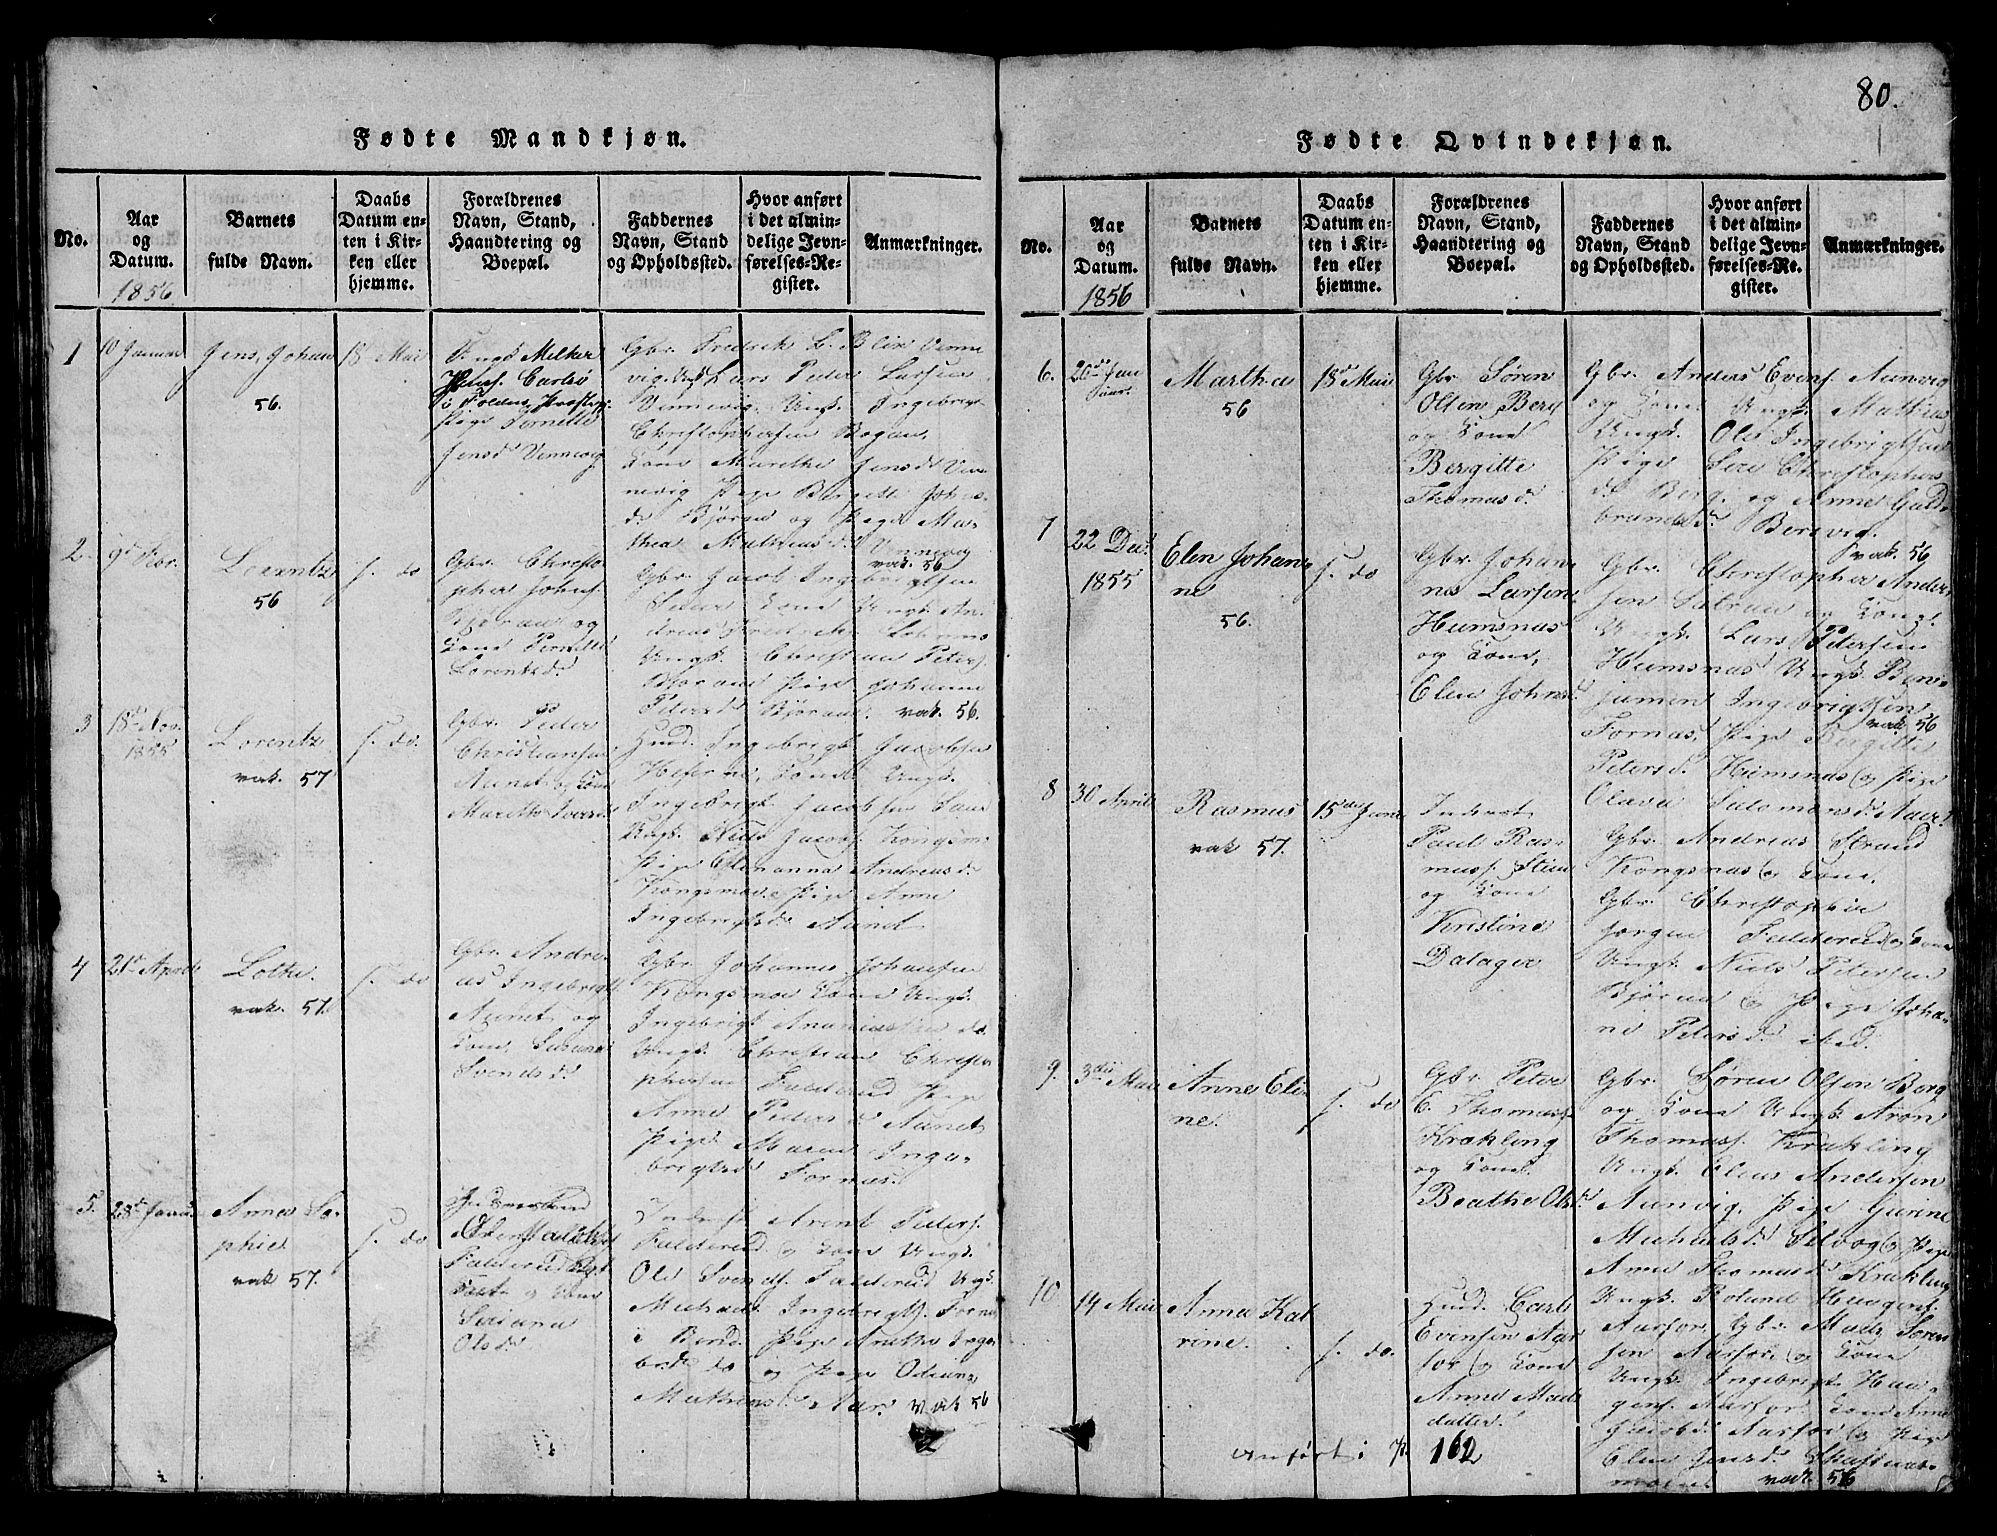 SAT, Ministerialprotokoller, klokkerbøker og fødselsregistre - Nord-Trøndelag, 780/L0648: Klokkerbok nr. 780C01 /3, 1815-1877, s. 80